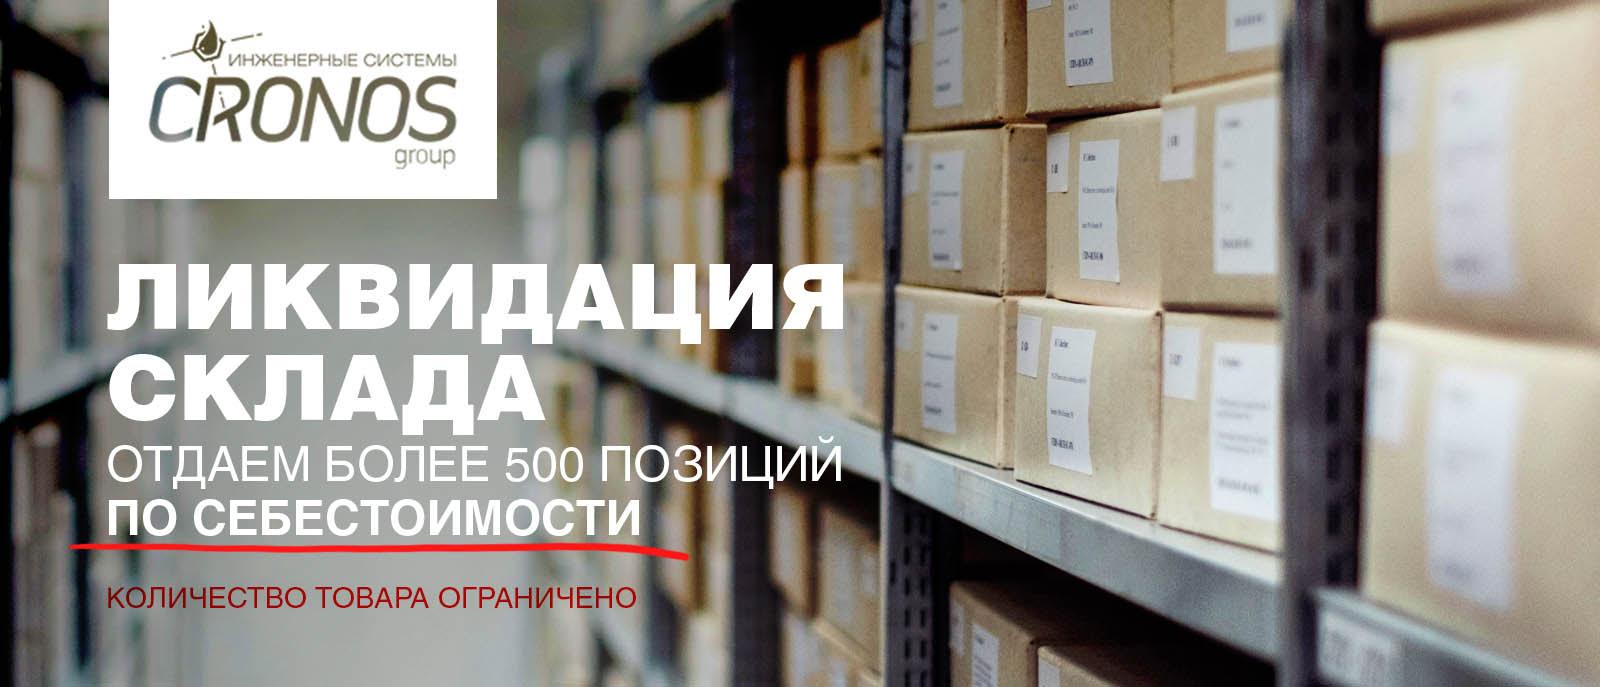 Ликвидация склада. 500 товаров по себестоимости